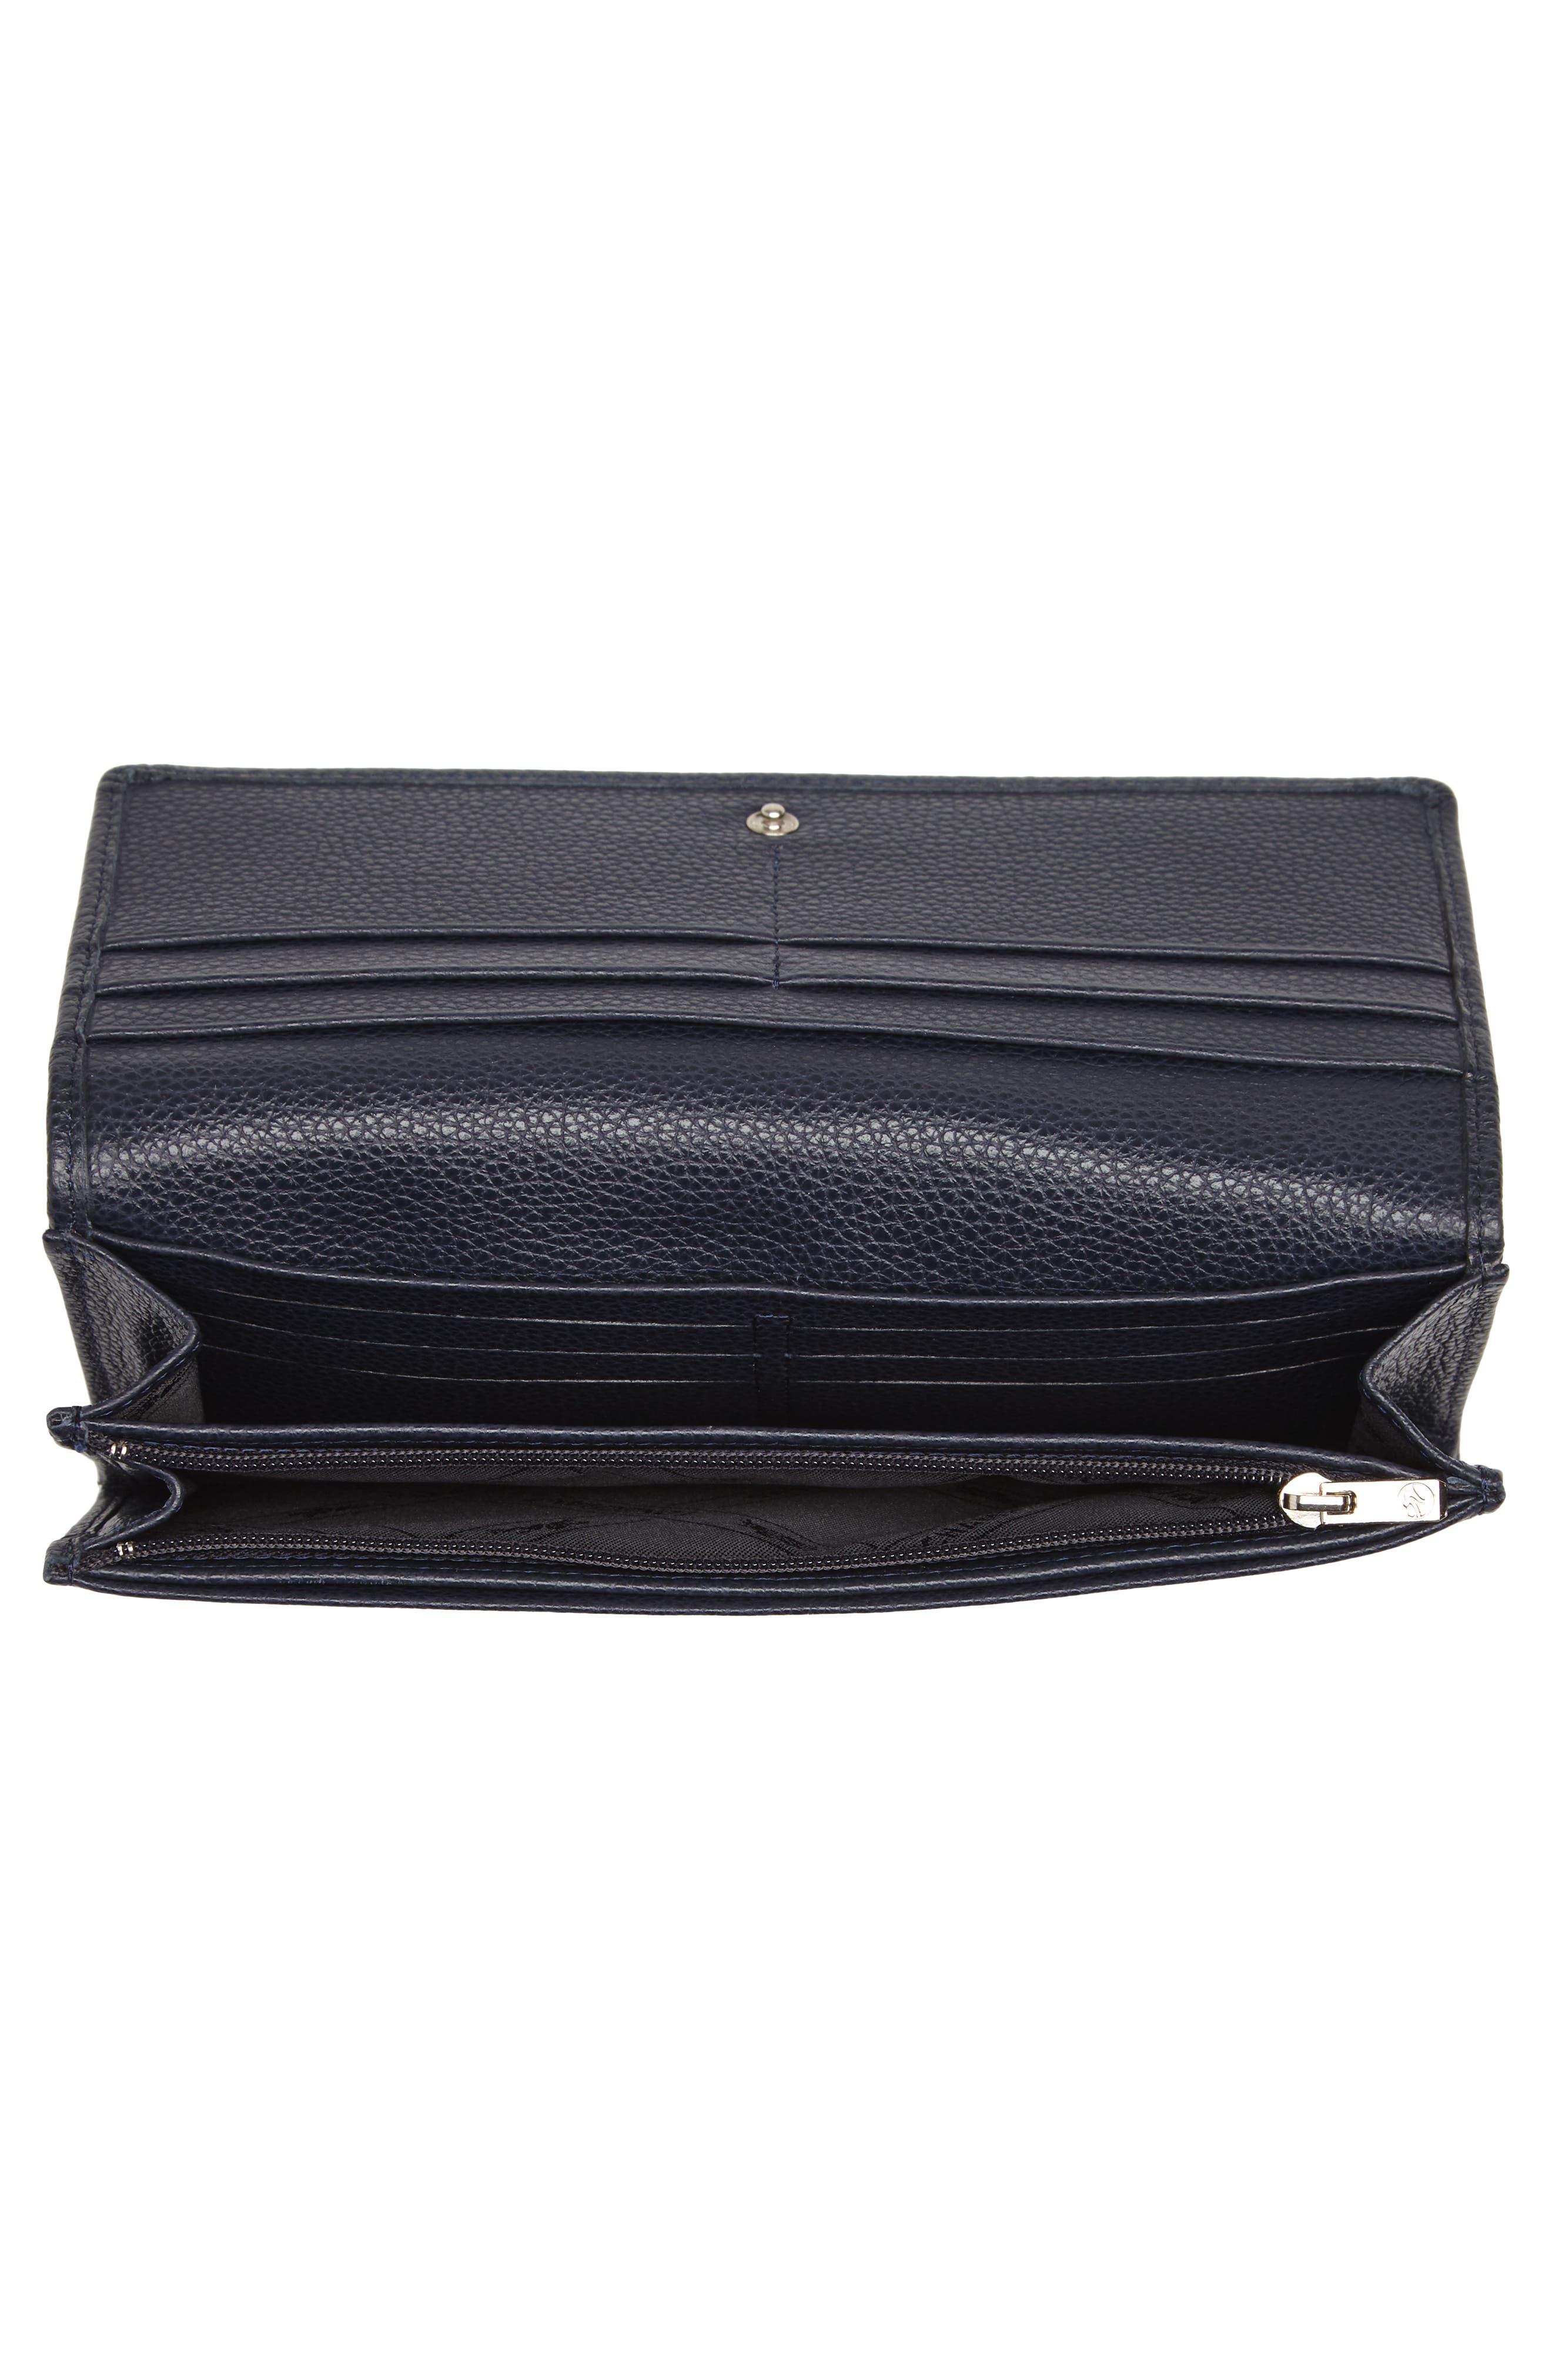 Alternate Image 2  - Longchamp 'Veau Foulonne' Continental Wallet